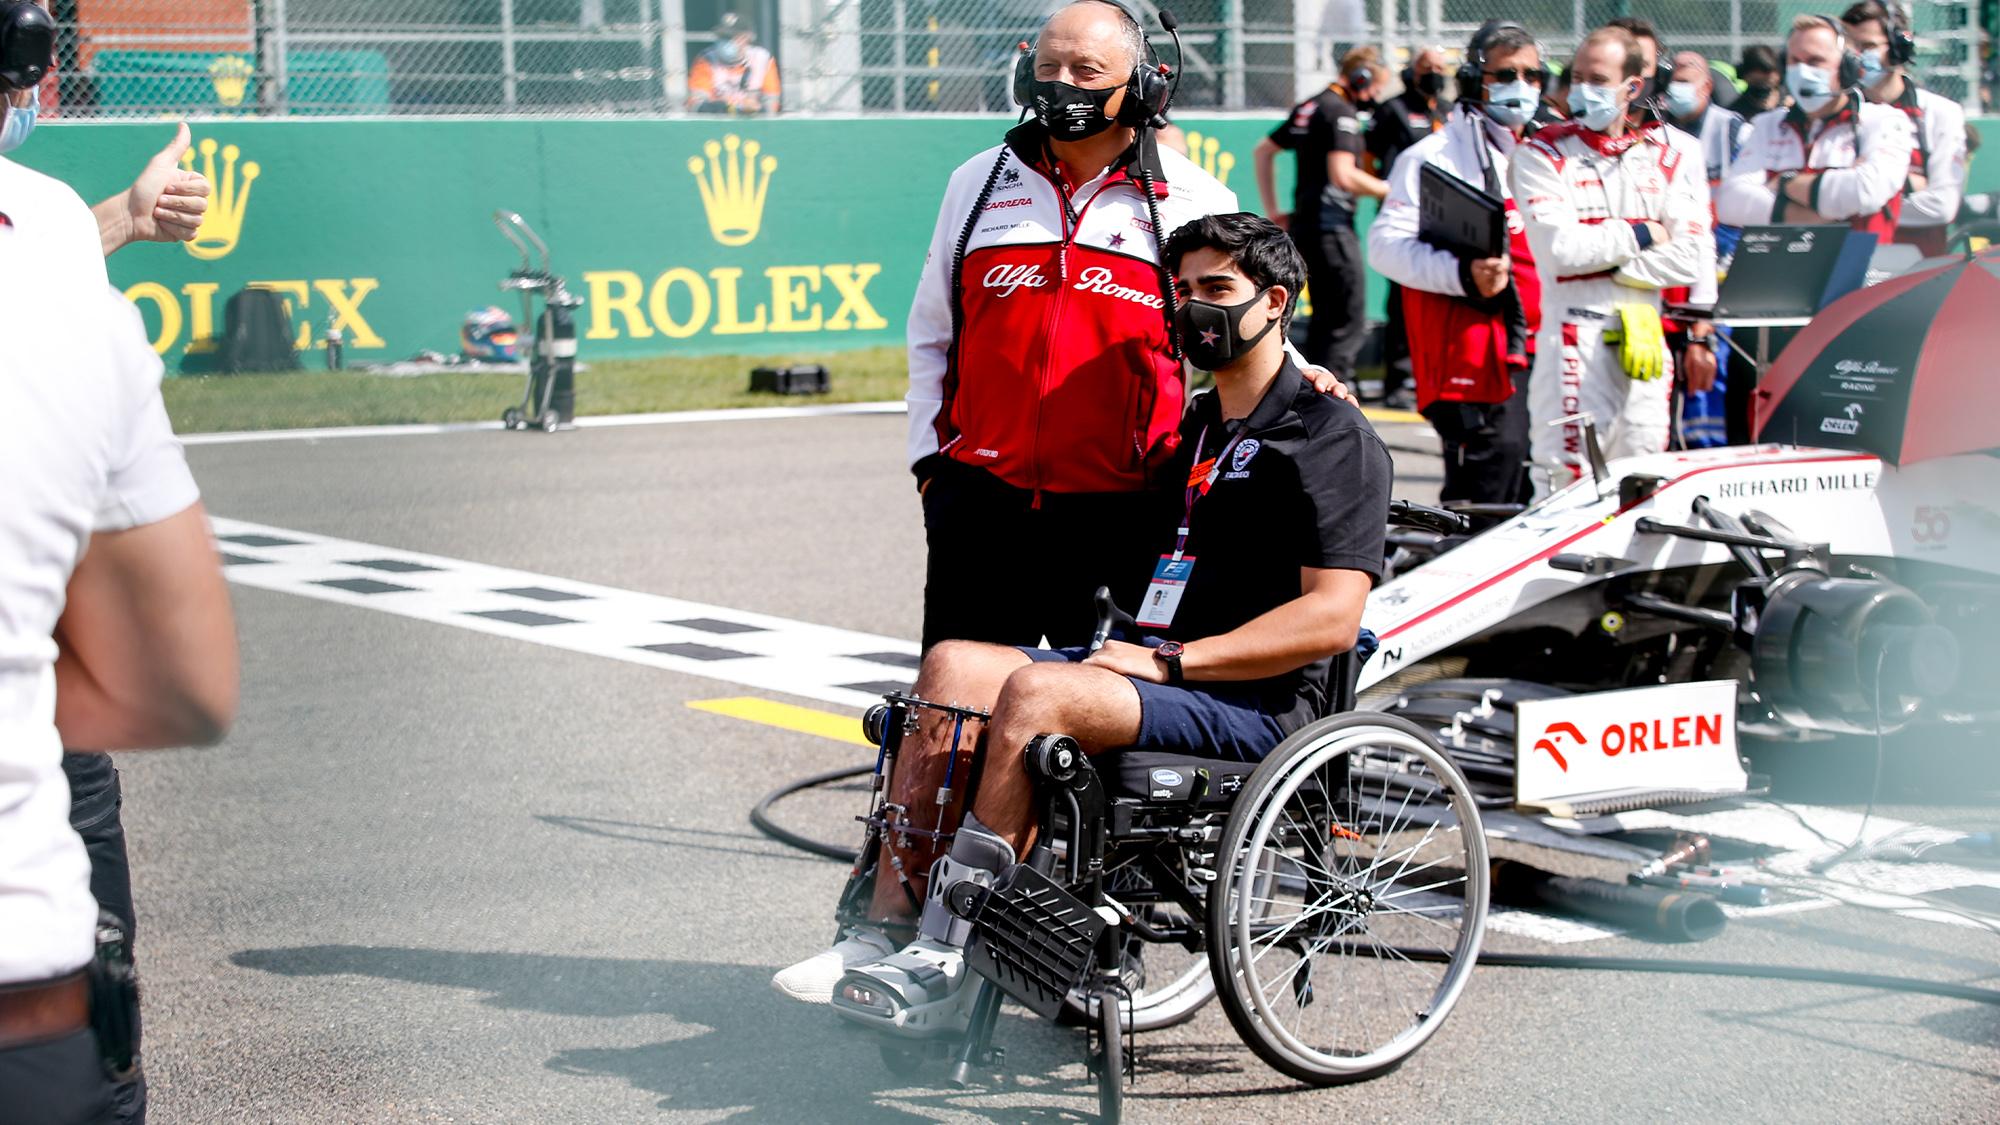 Juan Manuel Correa at the 2020 Belgian Grand Prix